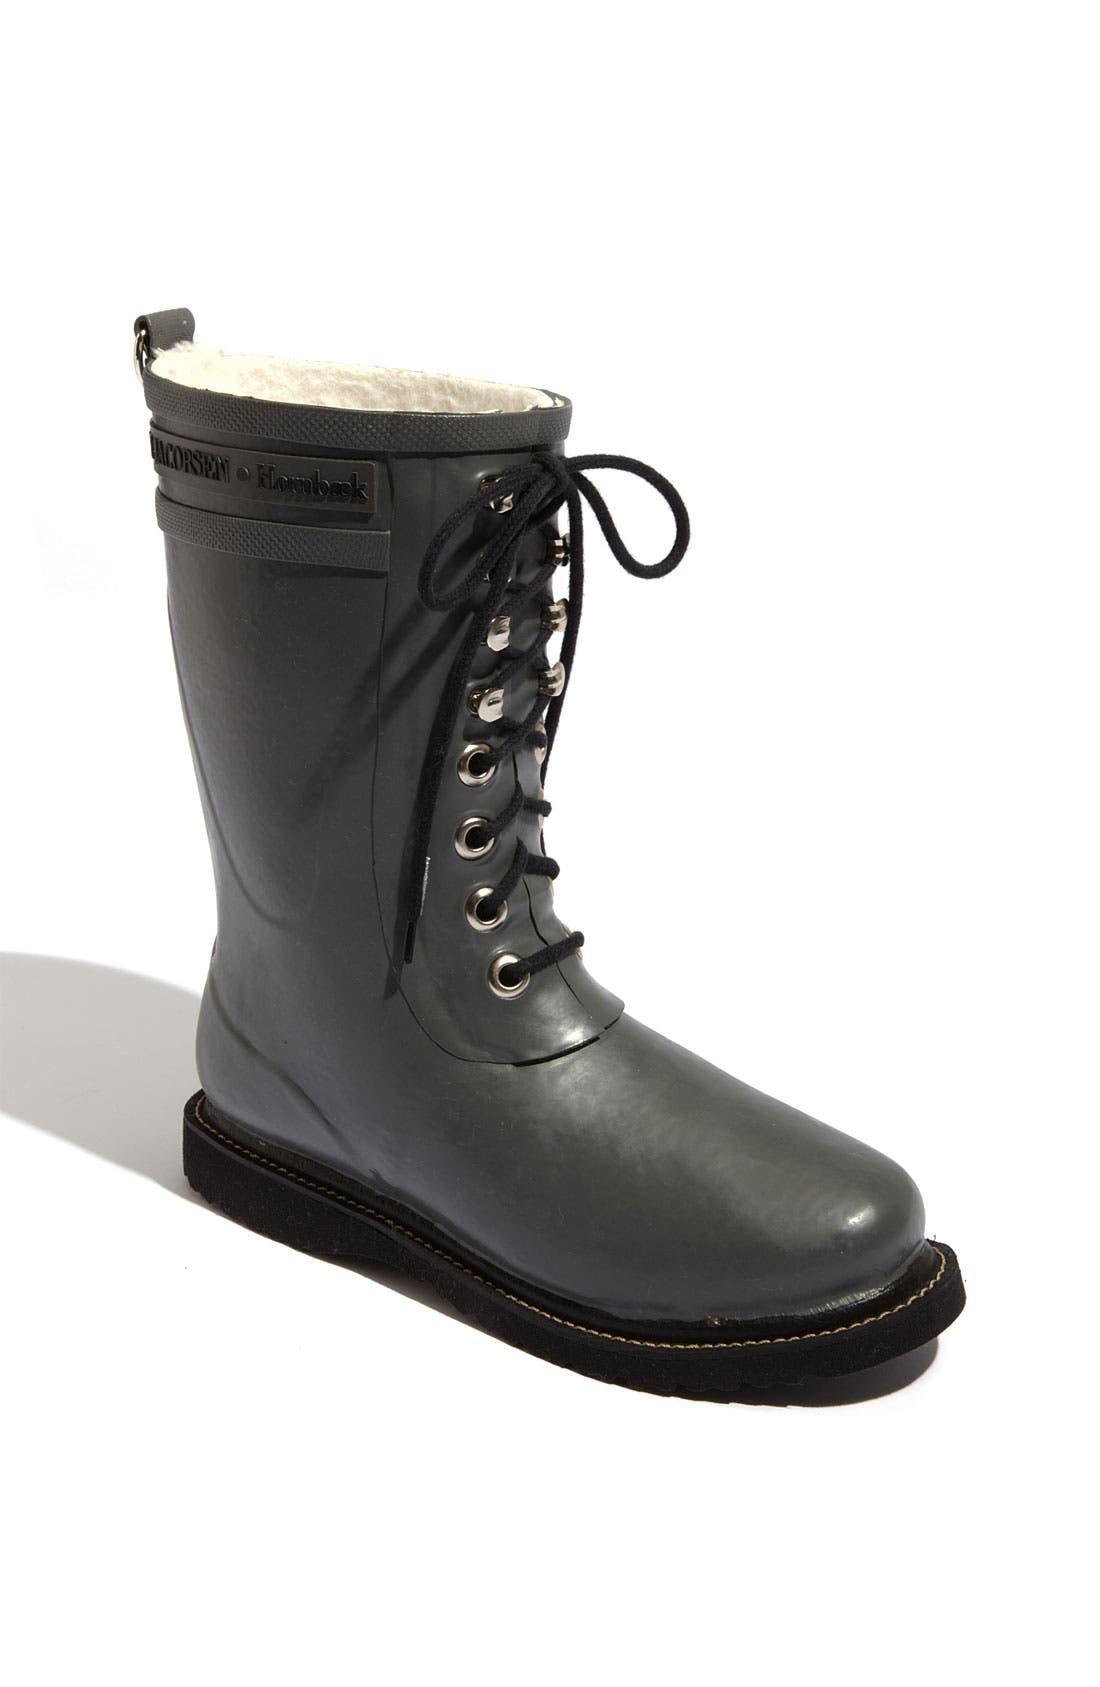 Ilse Jacobsen Rubber Waterproof Boot, Grey